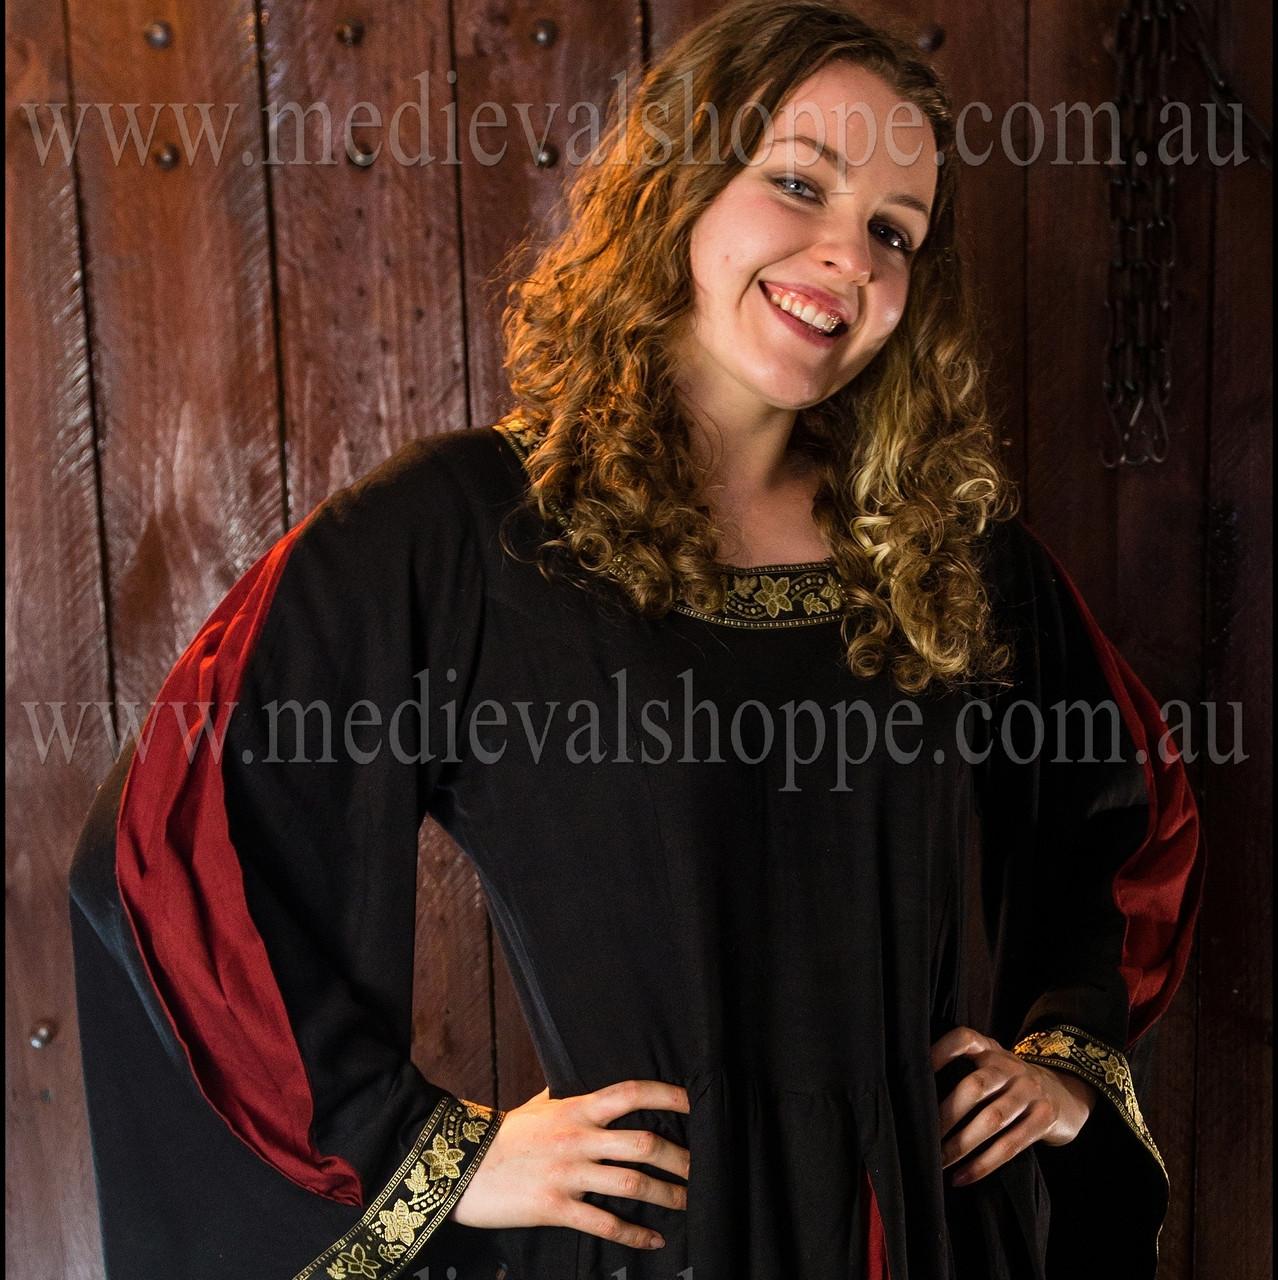 Red/Black Medieval Dress